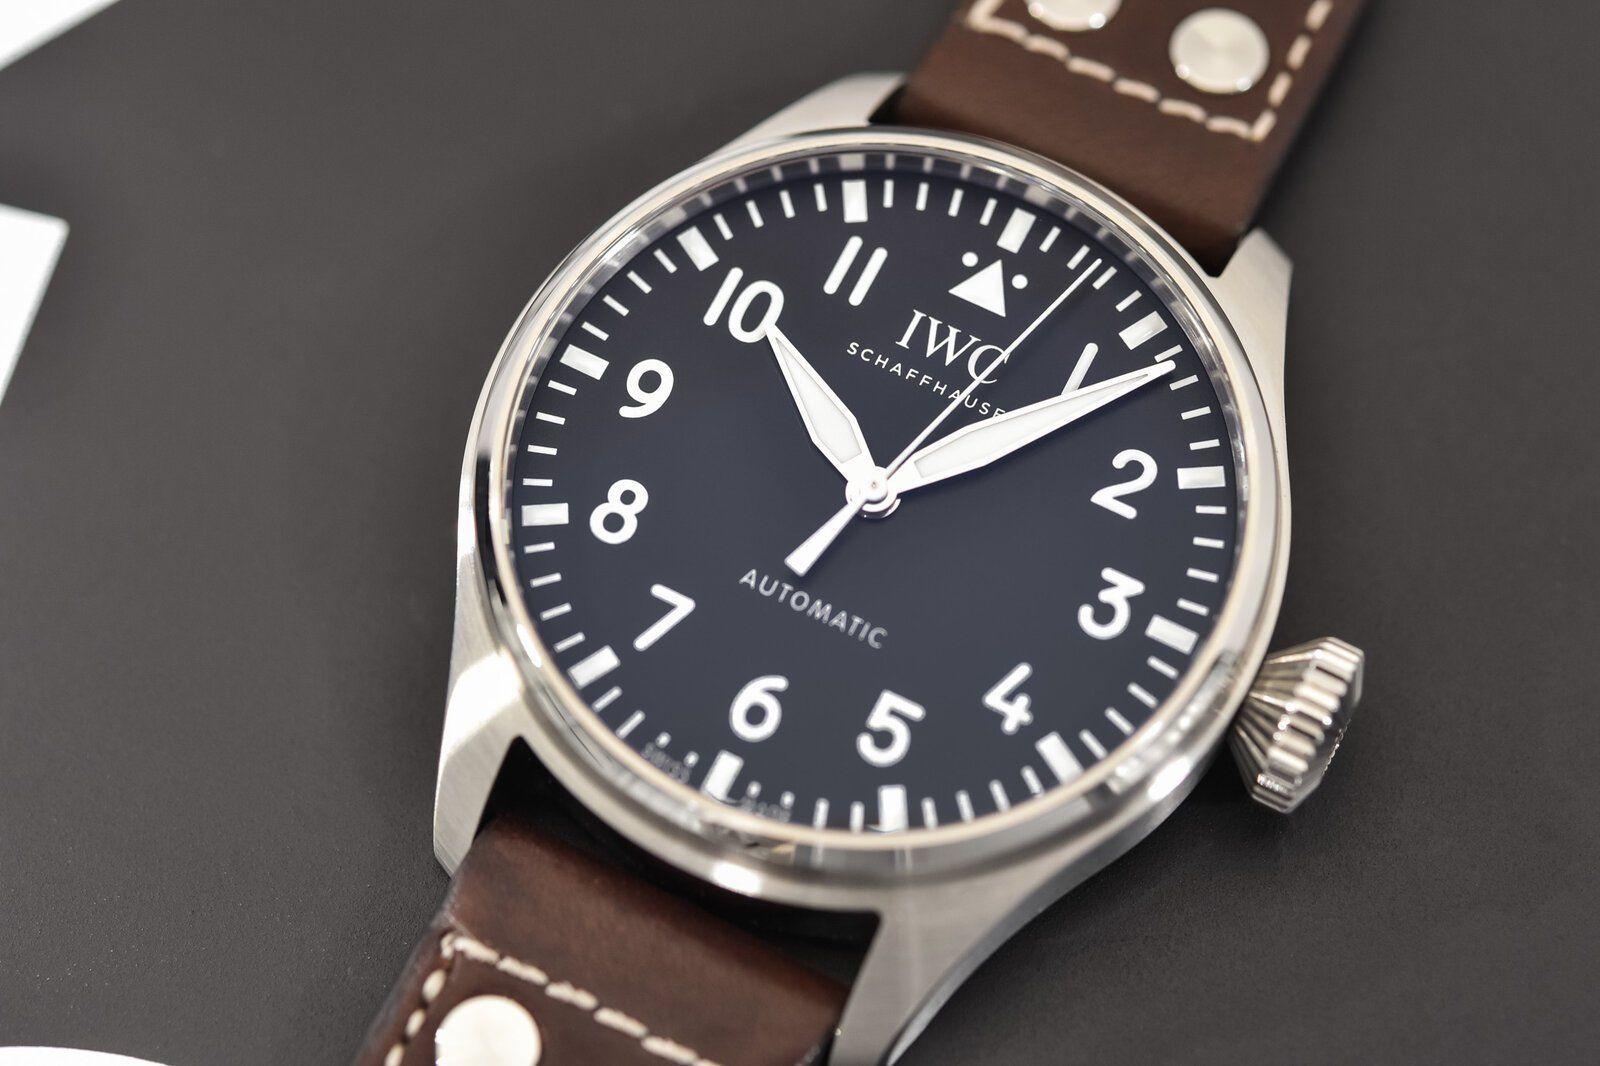 2021-IWC-Big-Pilots-Watch-43-review-1.jpg